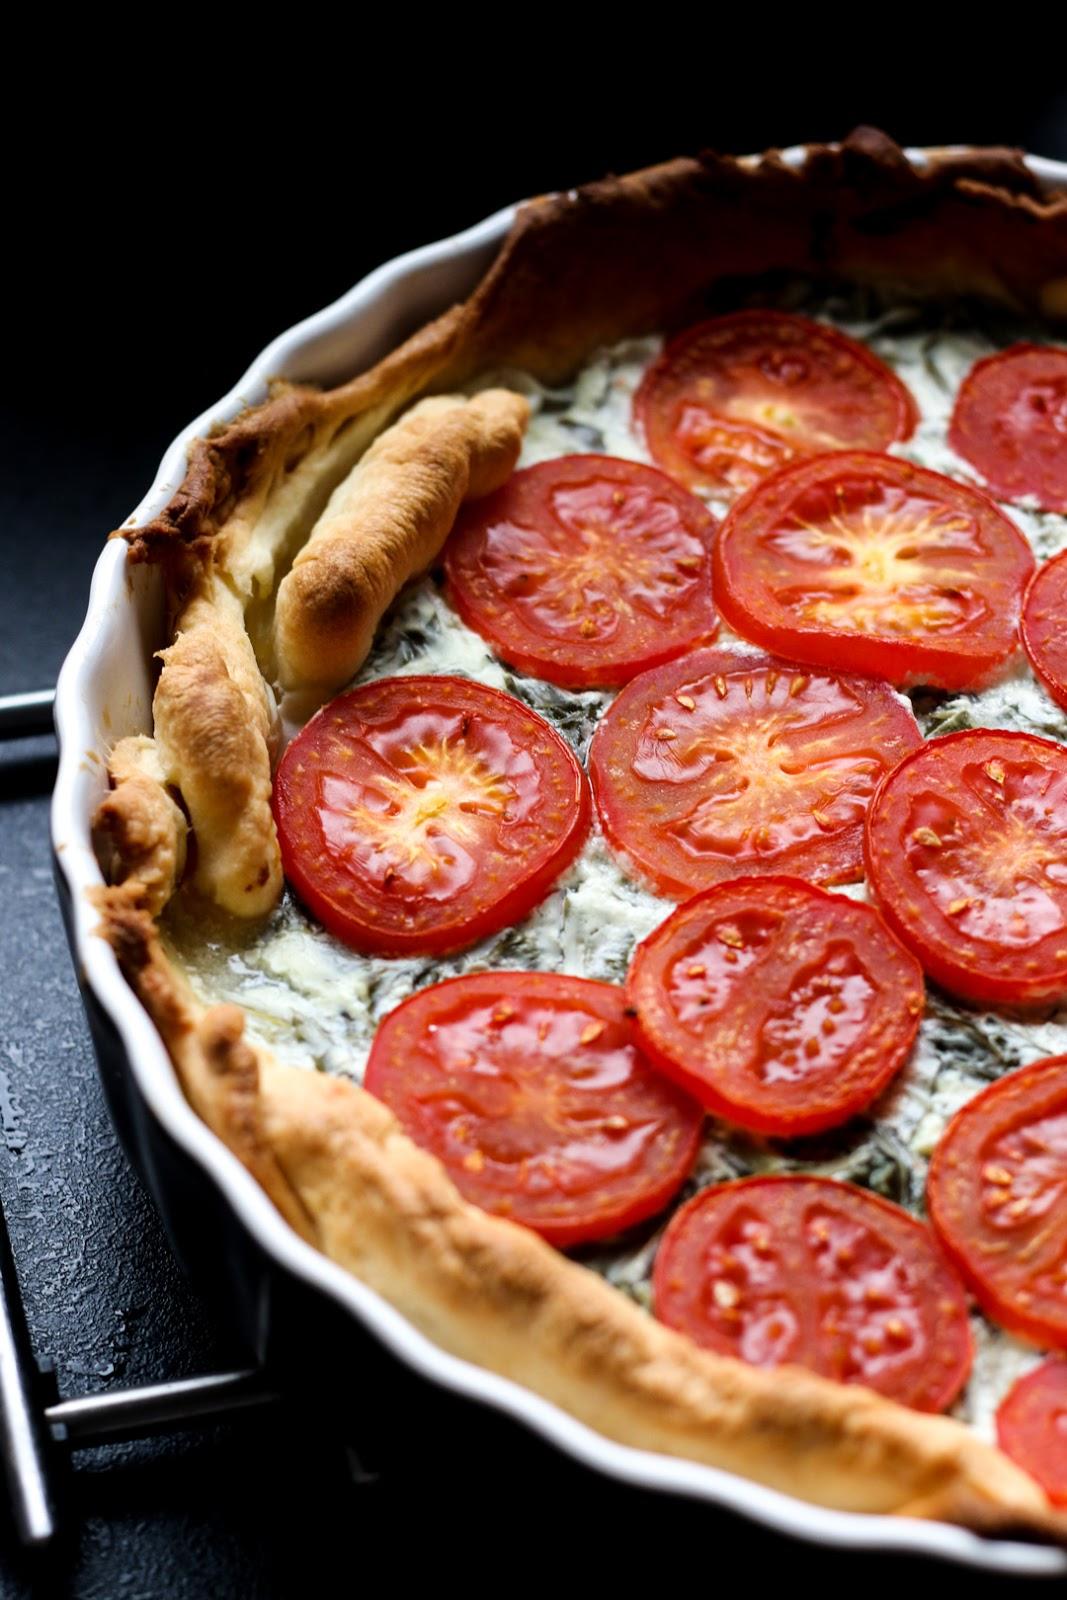 Bärlauch, Tarte, Frühlingsküche, Frischkäse, Fleurcoquet, Tomaten